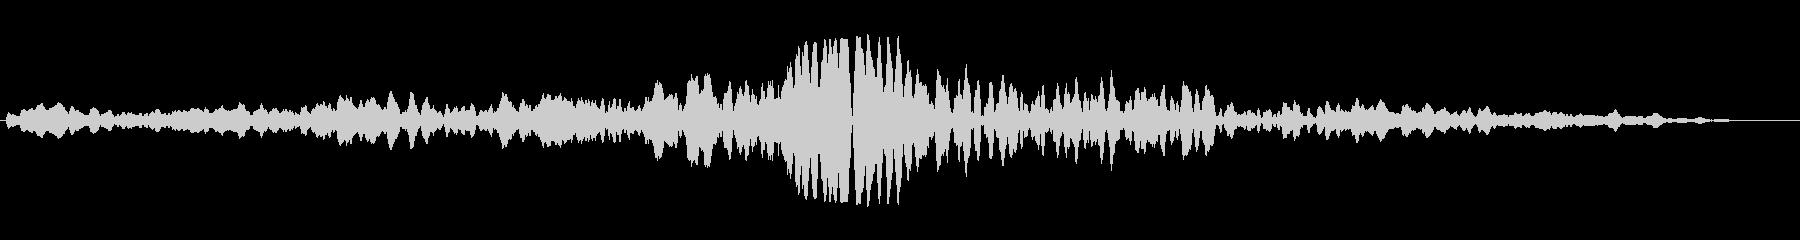 ホ〜フー(宇宙船 宇宙人)の未再生の波形